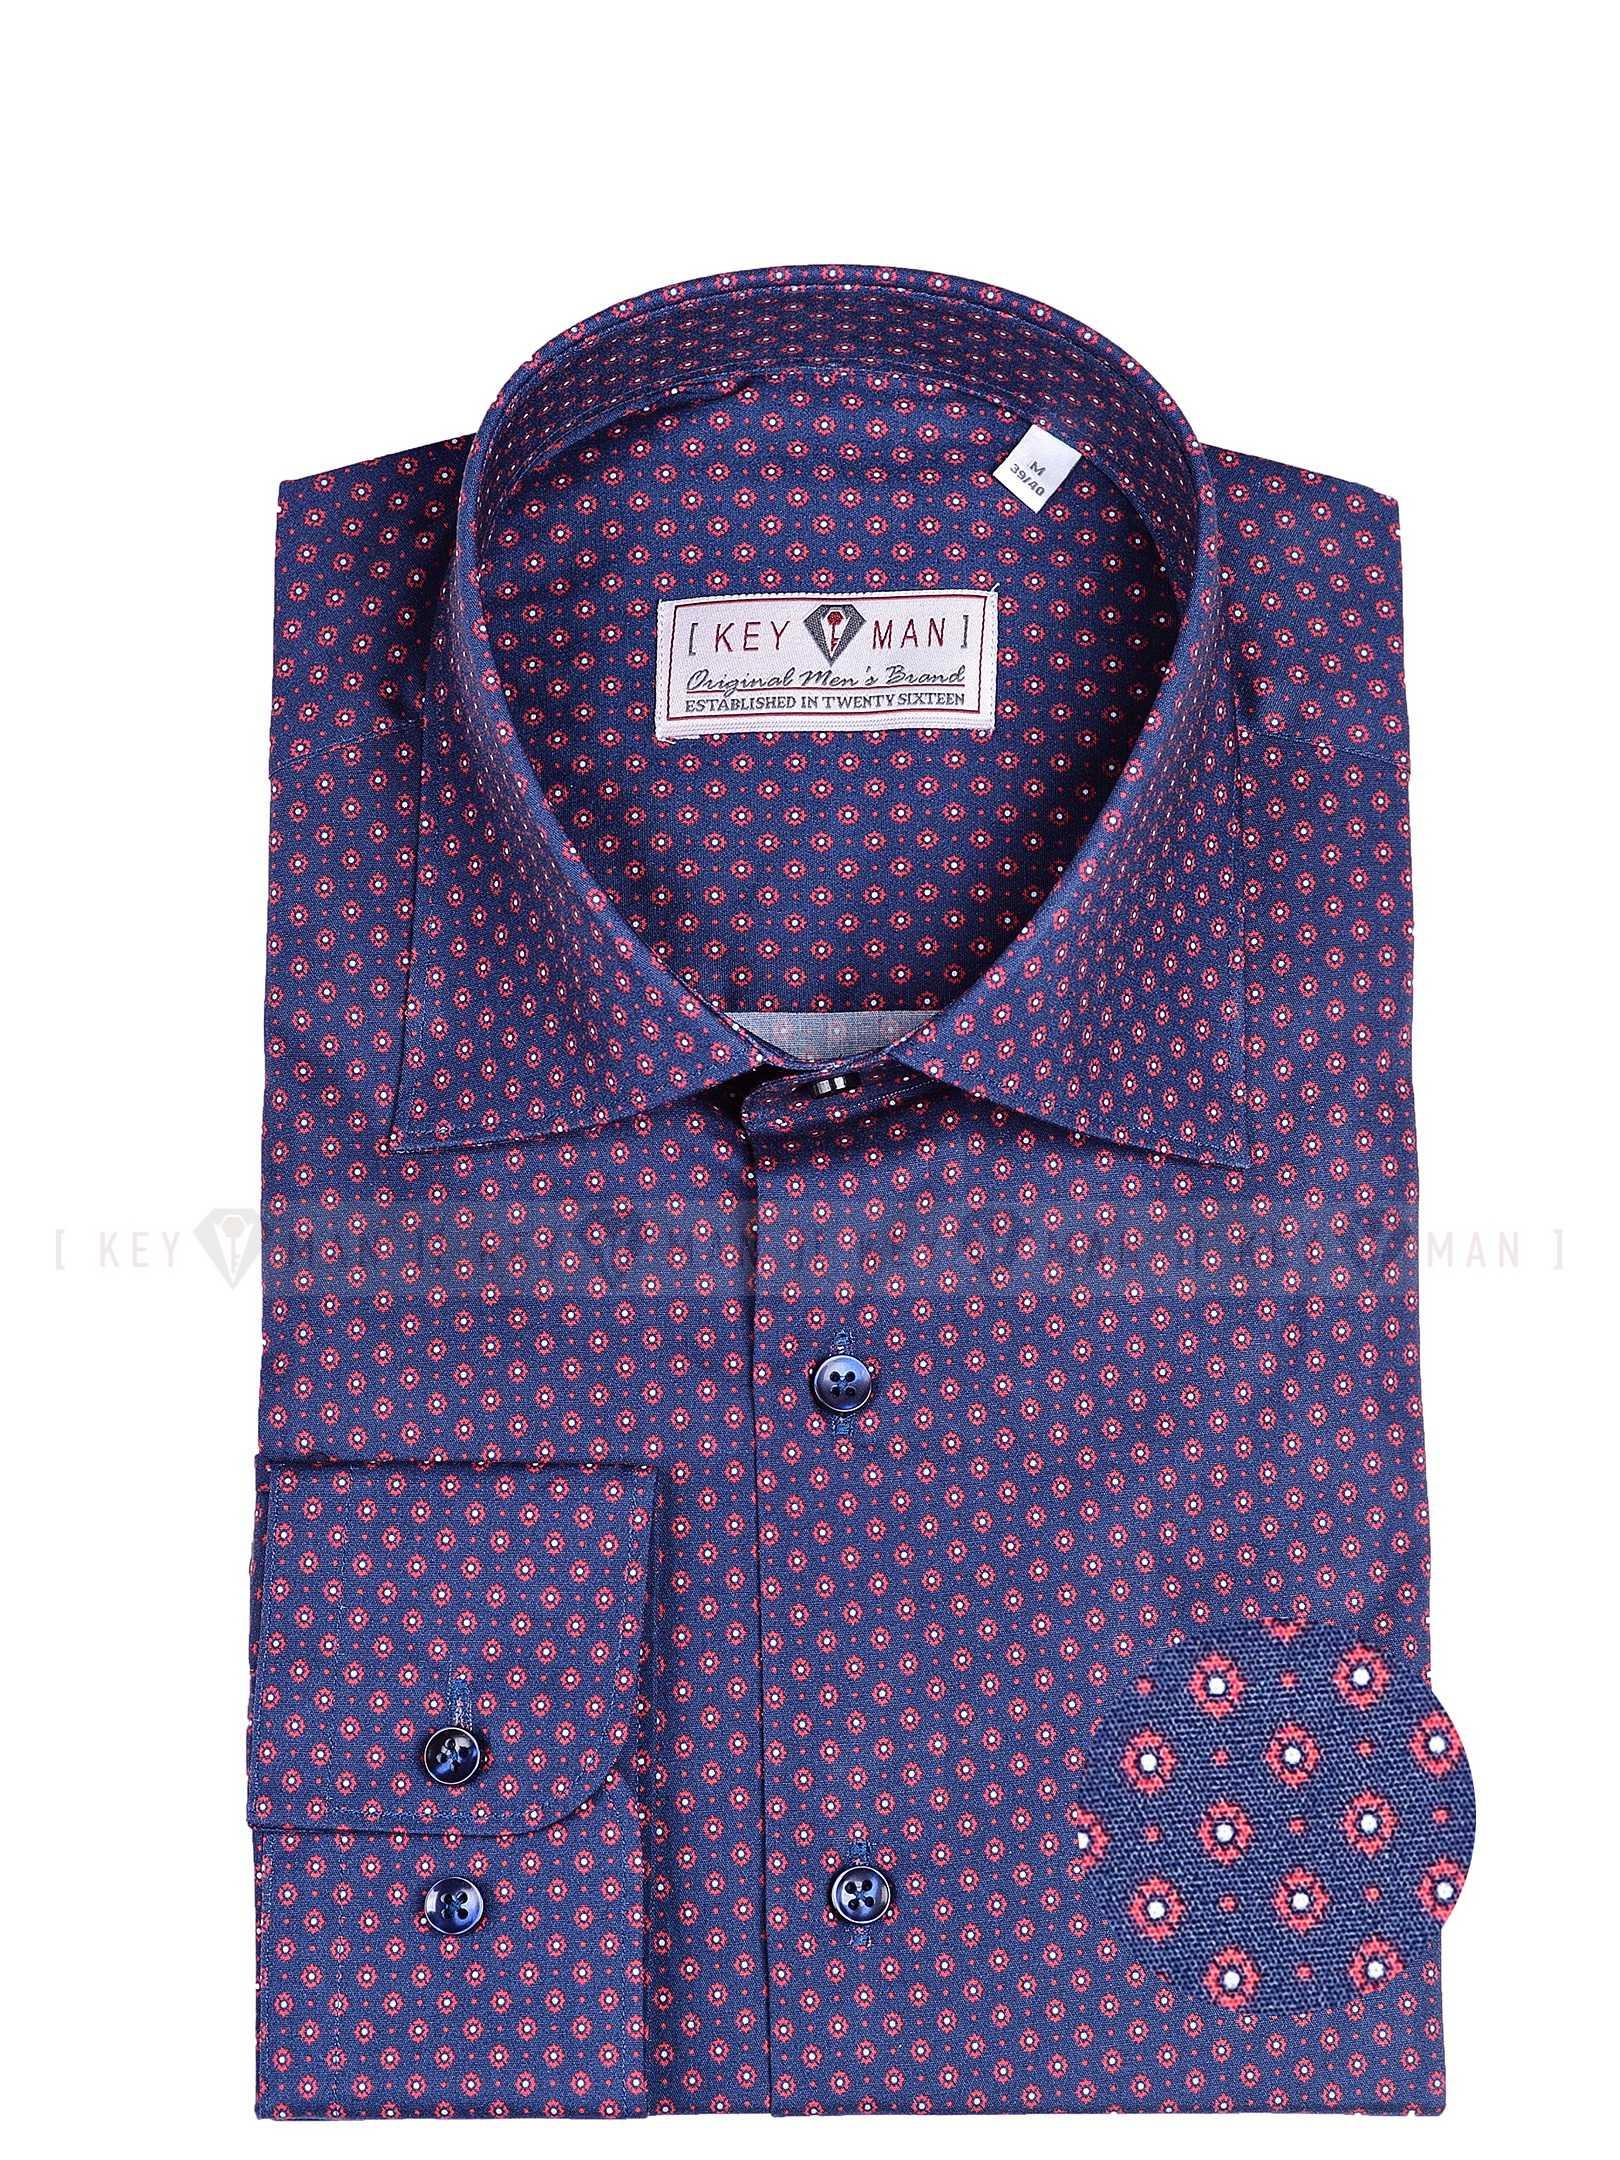 Рубашка мужская темно-синяя в красно-белый узор с лайкрой, классика воротник